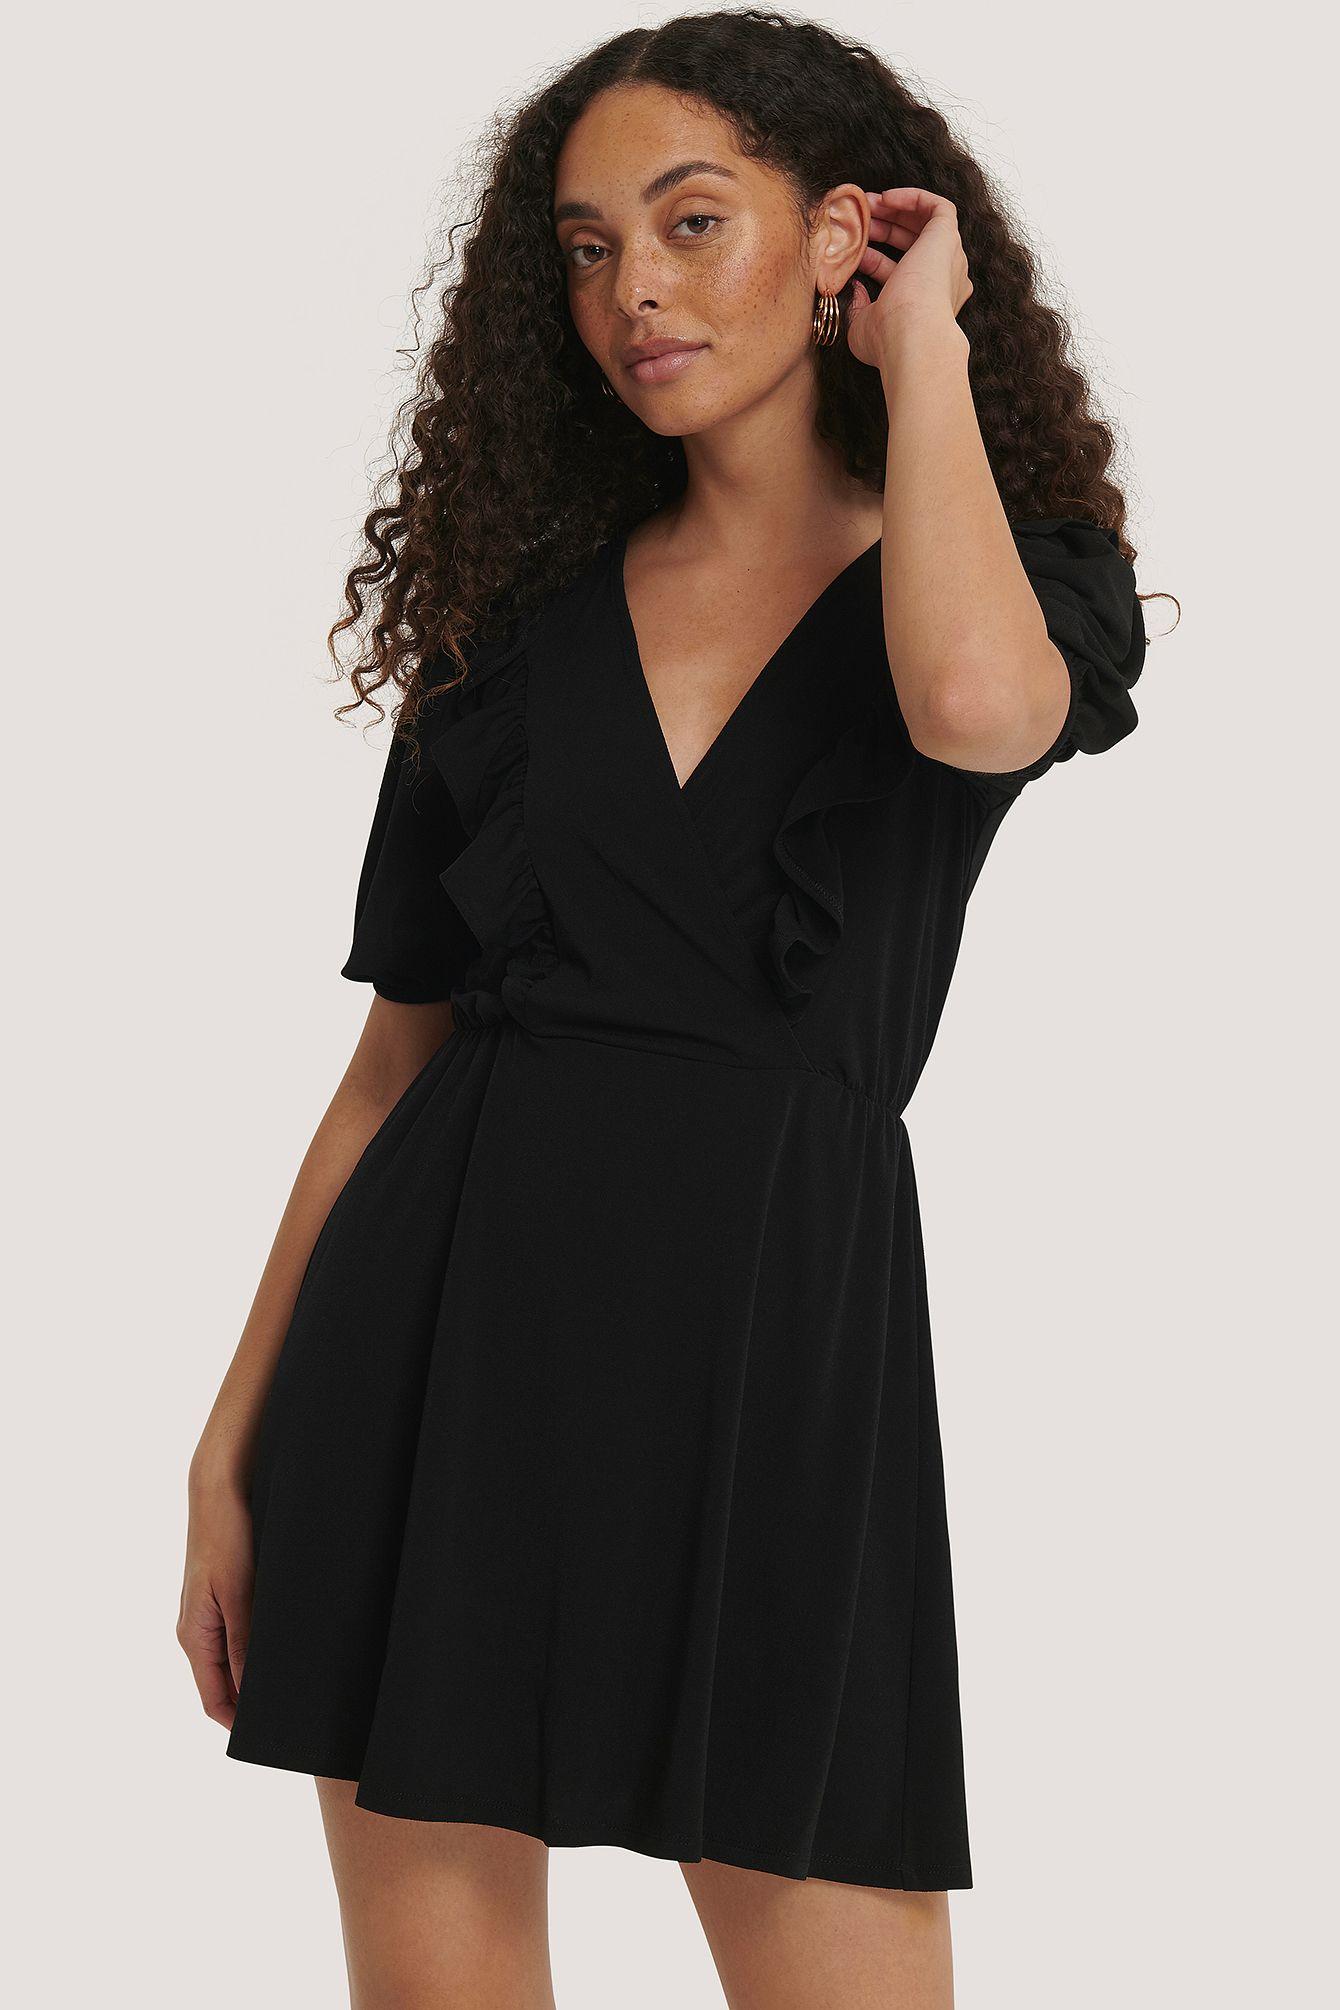 Rüschendetail Mini-Kleid Schwarz in 12  Romantische kleider